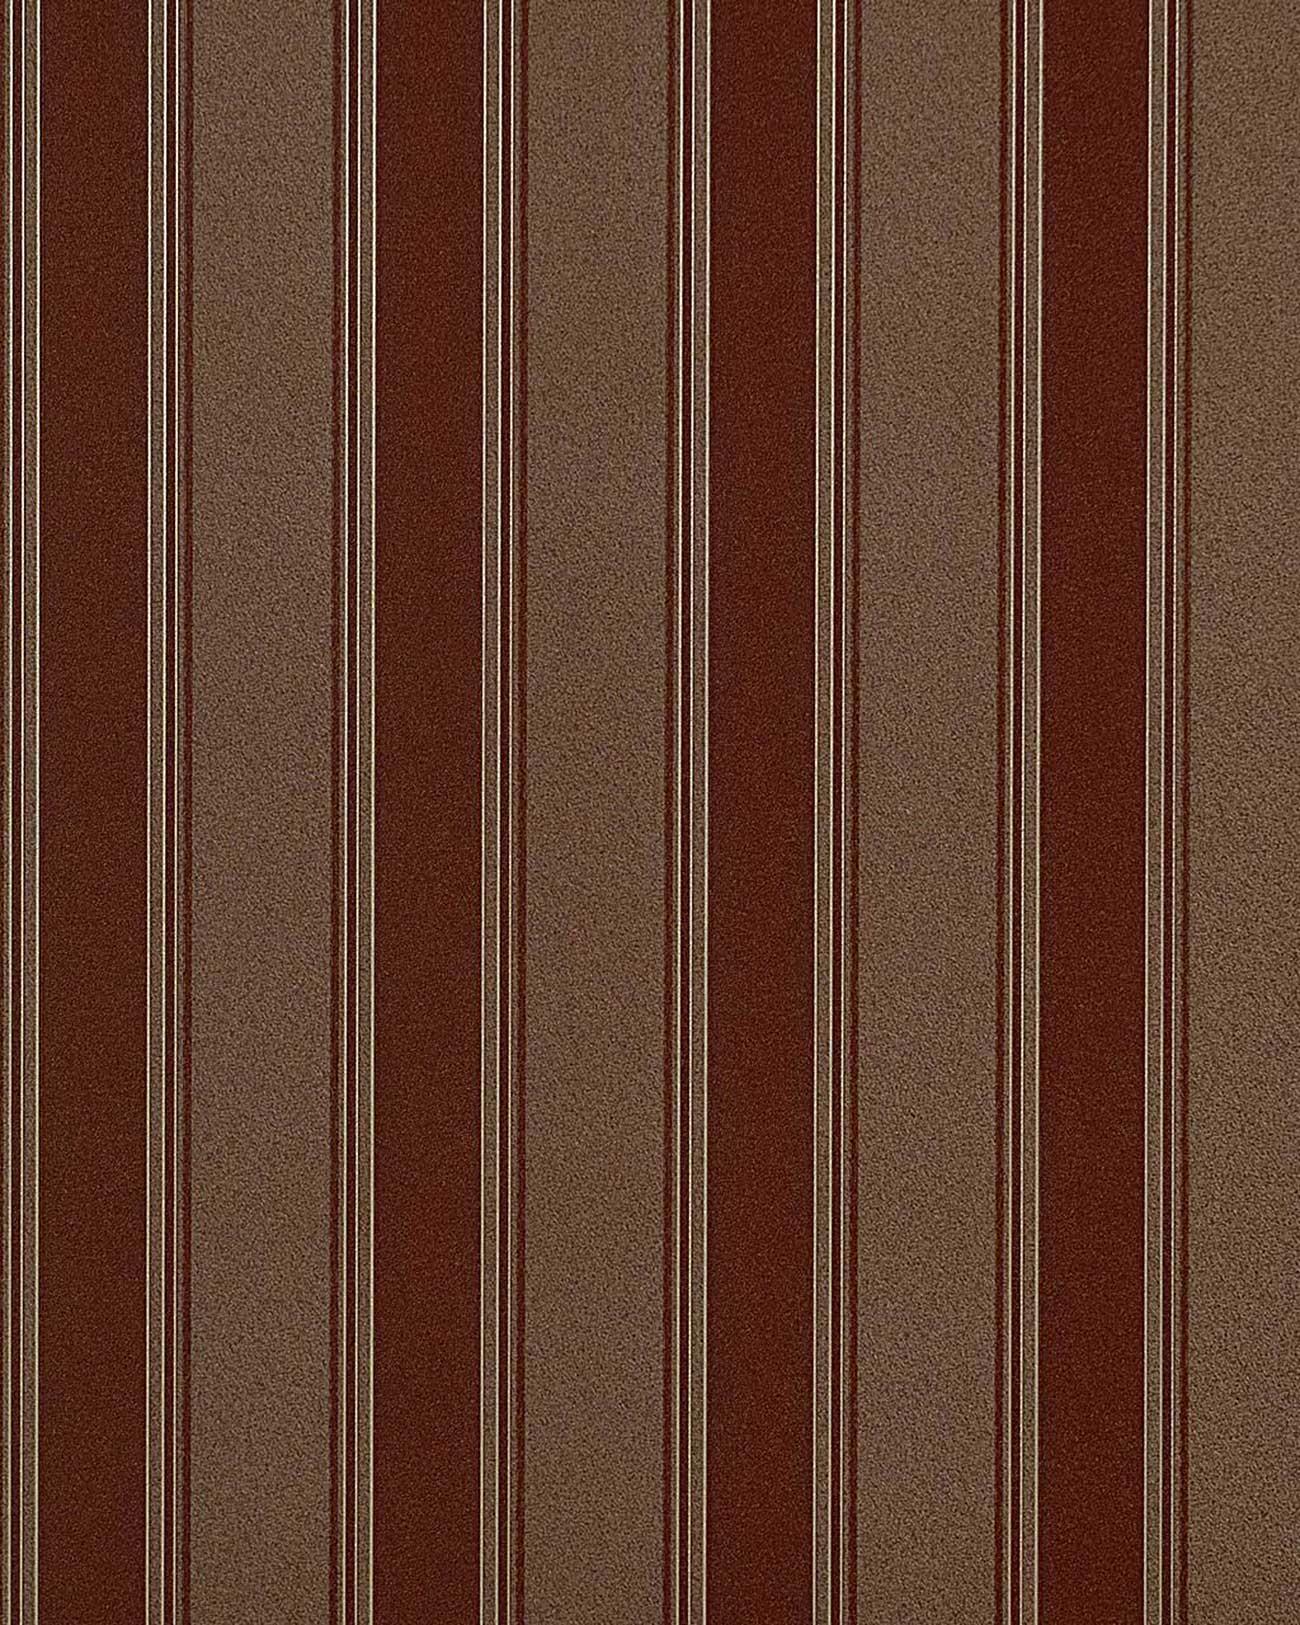 Tapeten-Kombinationen : EDEM 827-26 tapete barock opulence ...